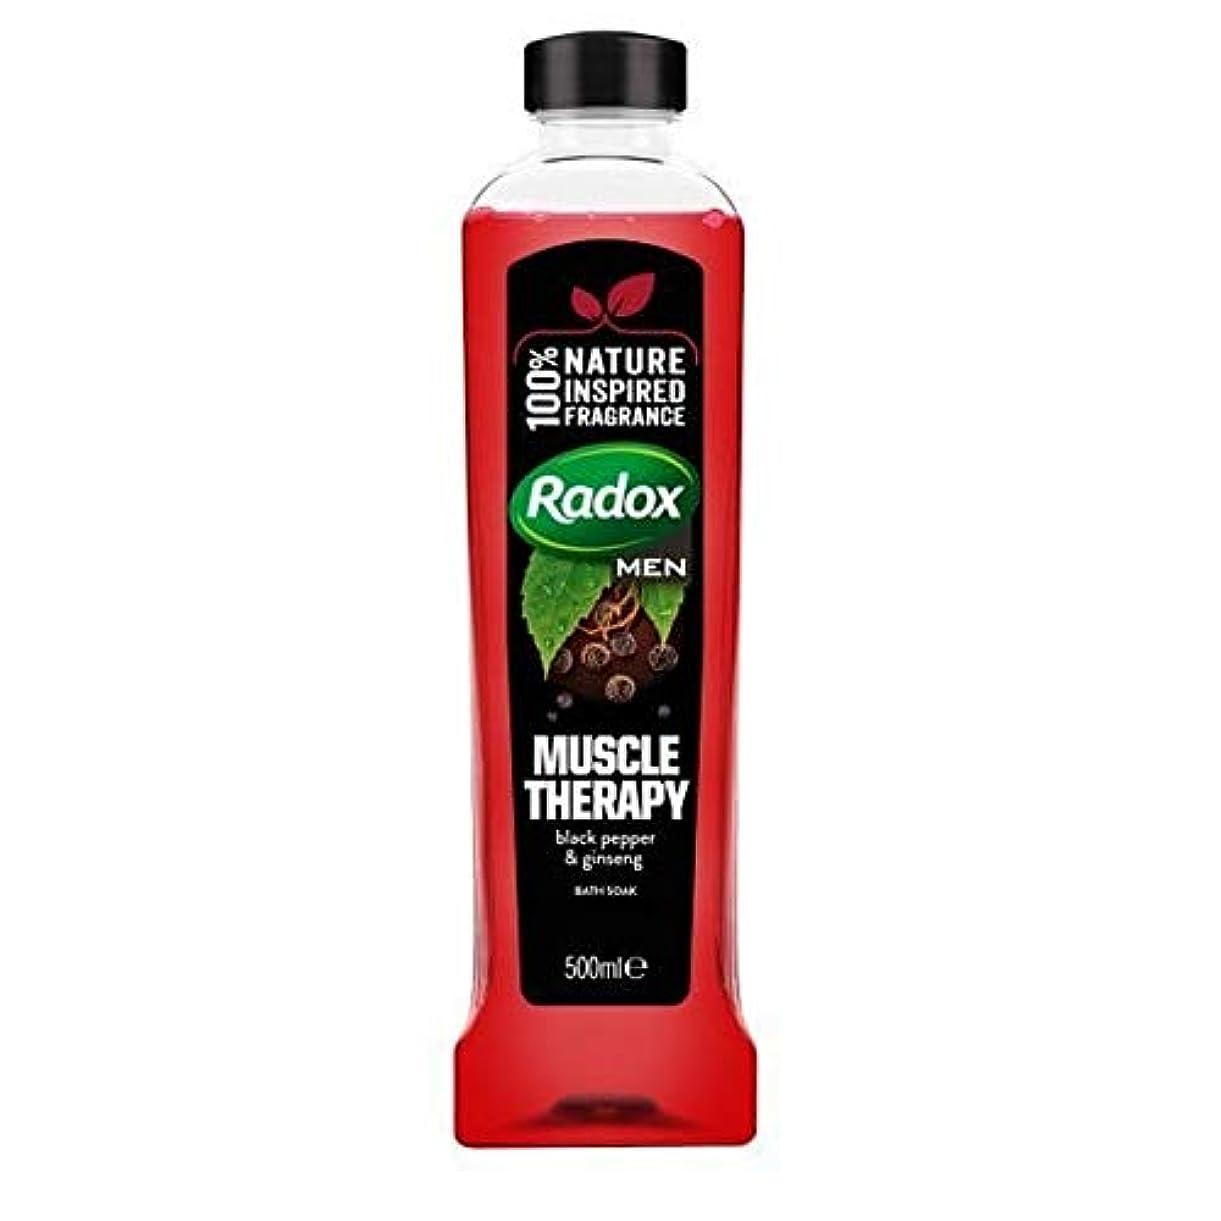 機会閉塞繰り返し[Radox] Radoxは、500ミリリットルのソーク良い香り筋肉の治療風呂を感じます - Radox Feel Good Fragrance Muscle Therapy Bath Soak 500ml [並行輸入品]